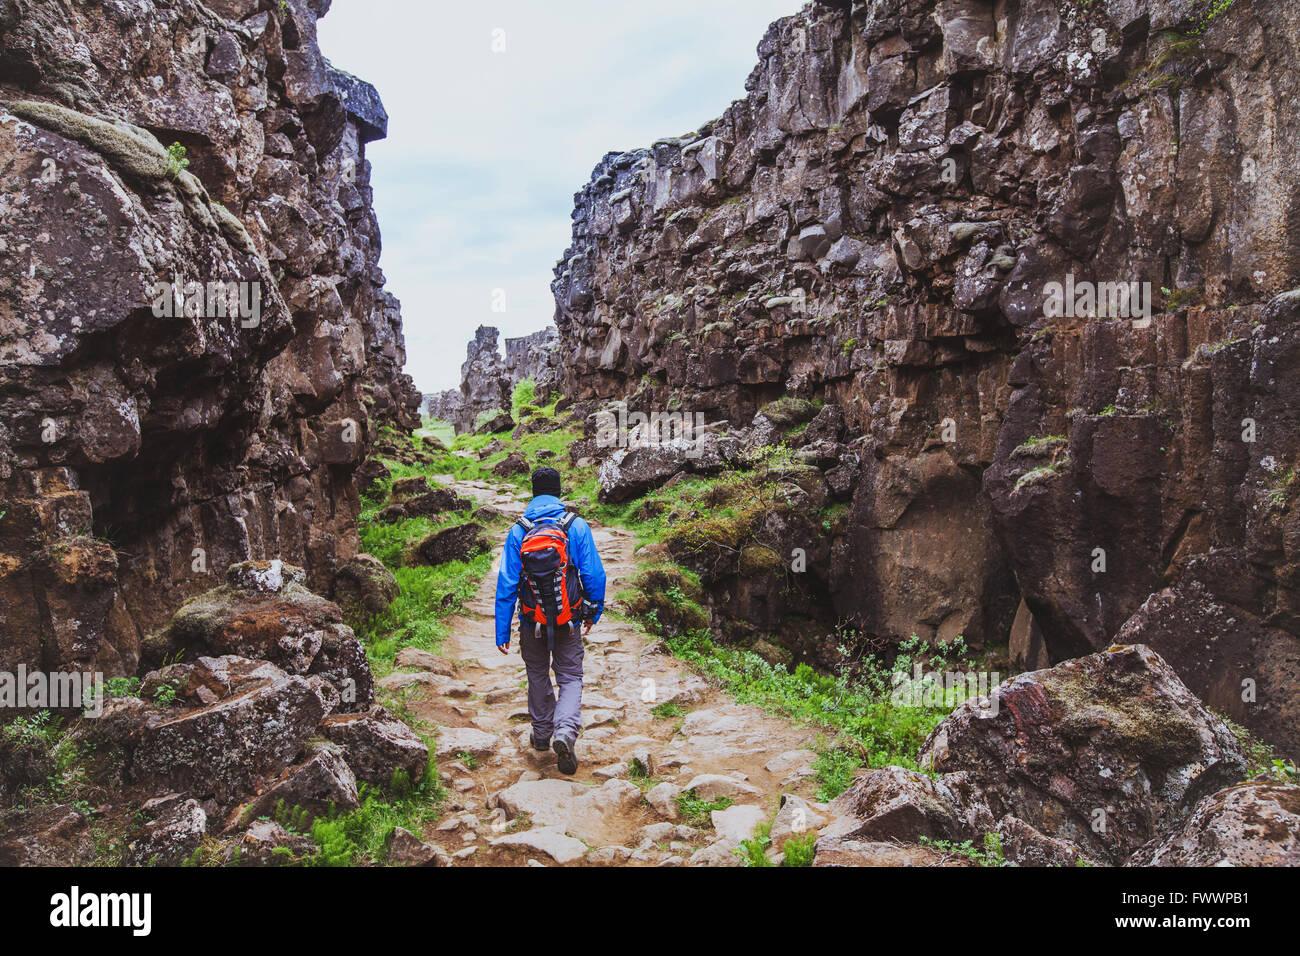 Escursioni nel canyon rocciosi, backpacker passeggiate nella natura, Islanda Immagini Stock